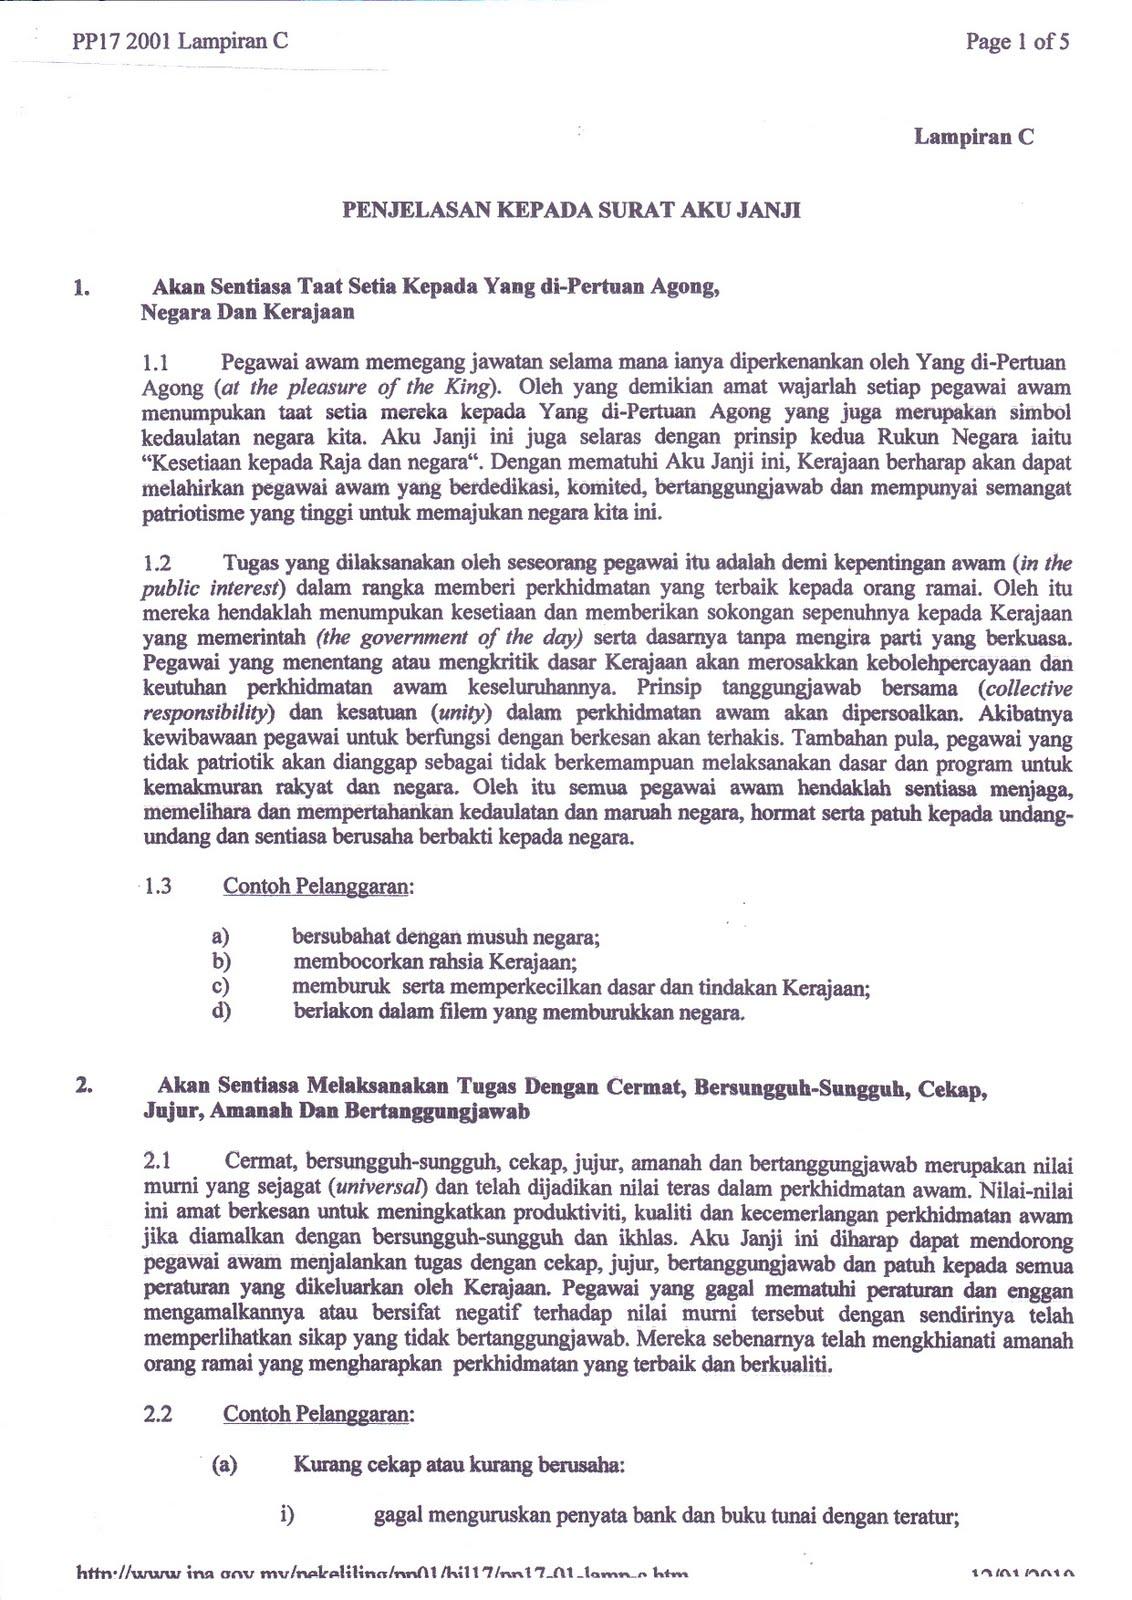 Penjelasan kepada Surat Aku Janji ini sebagai rujukan dan panduan